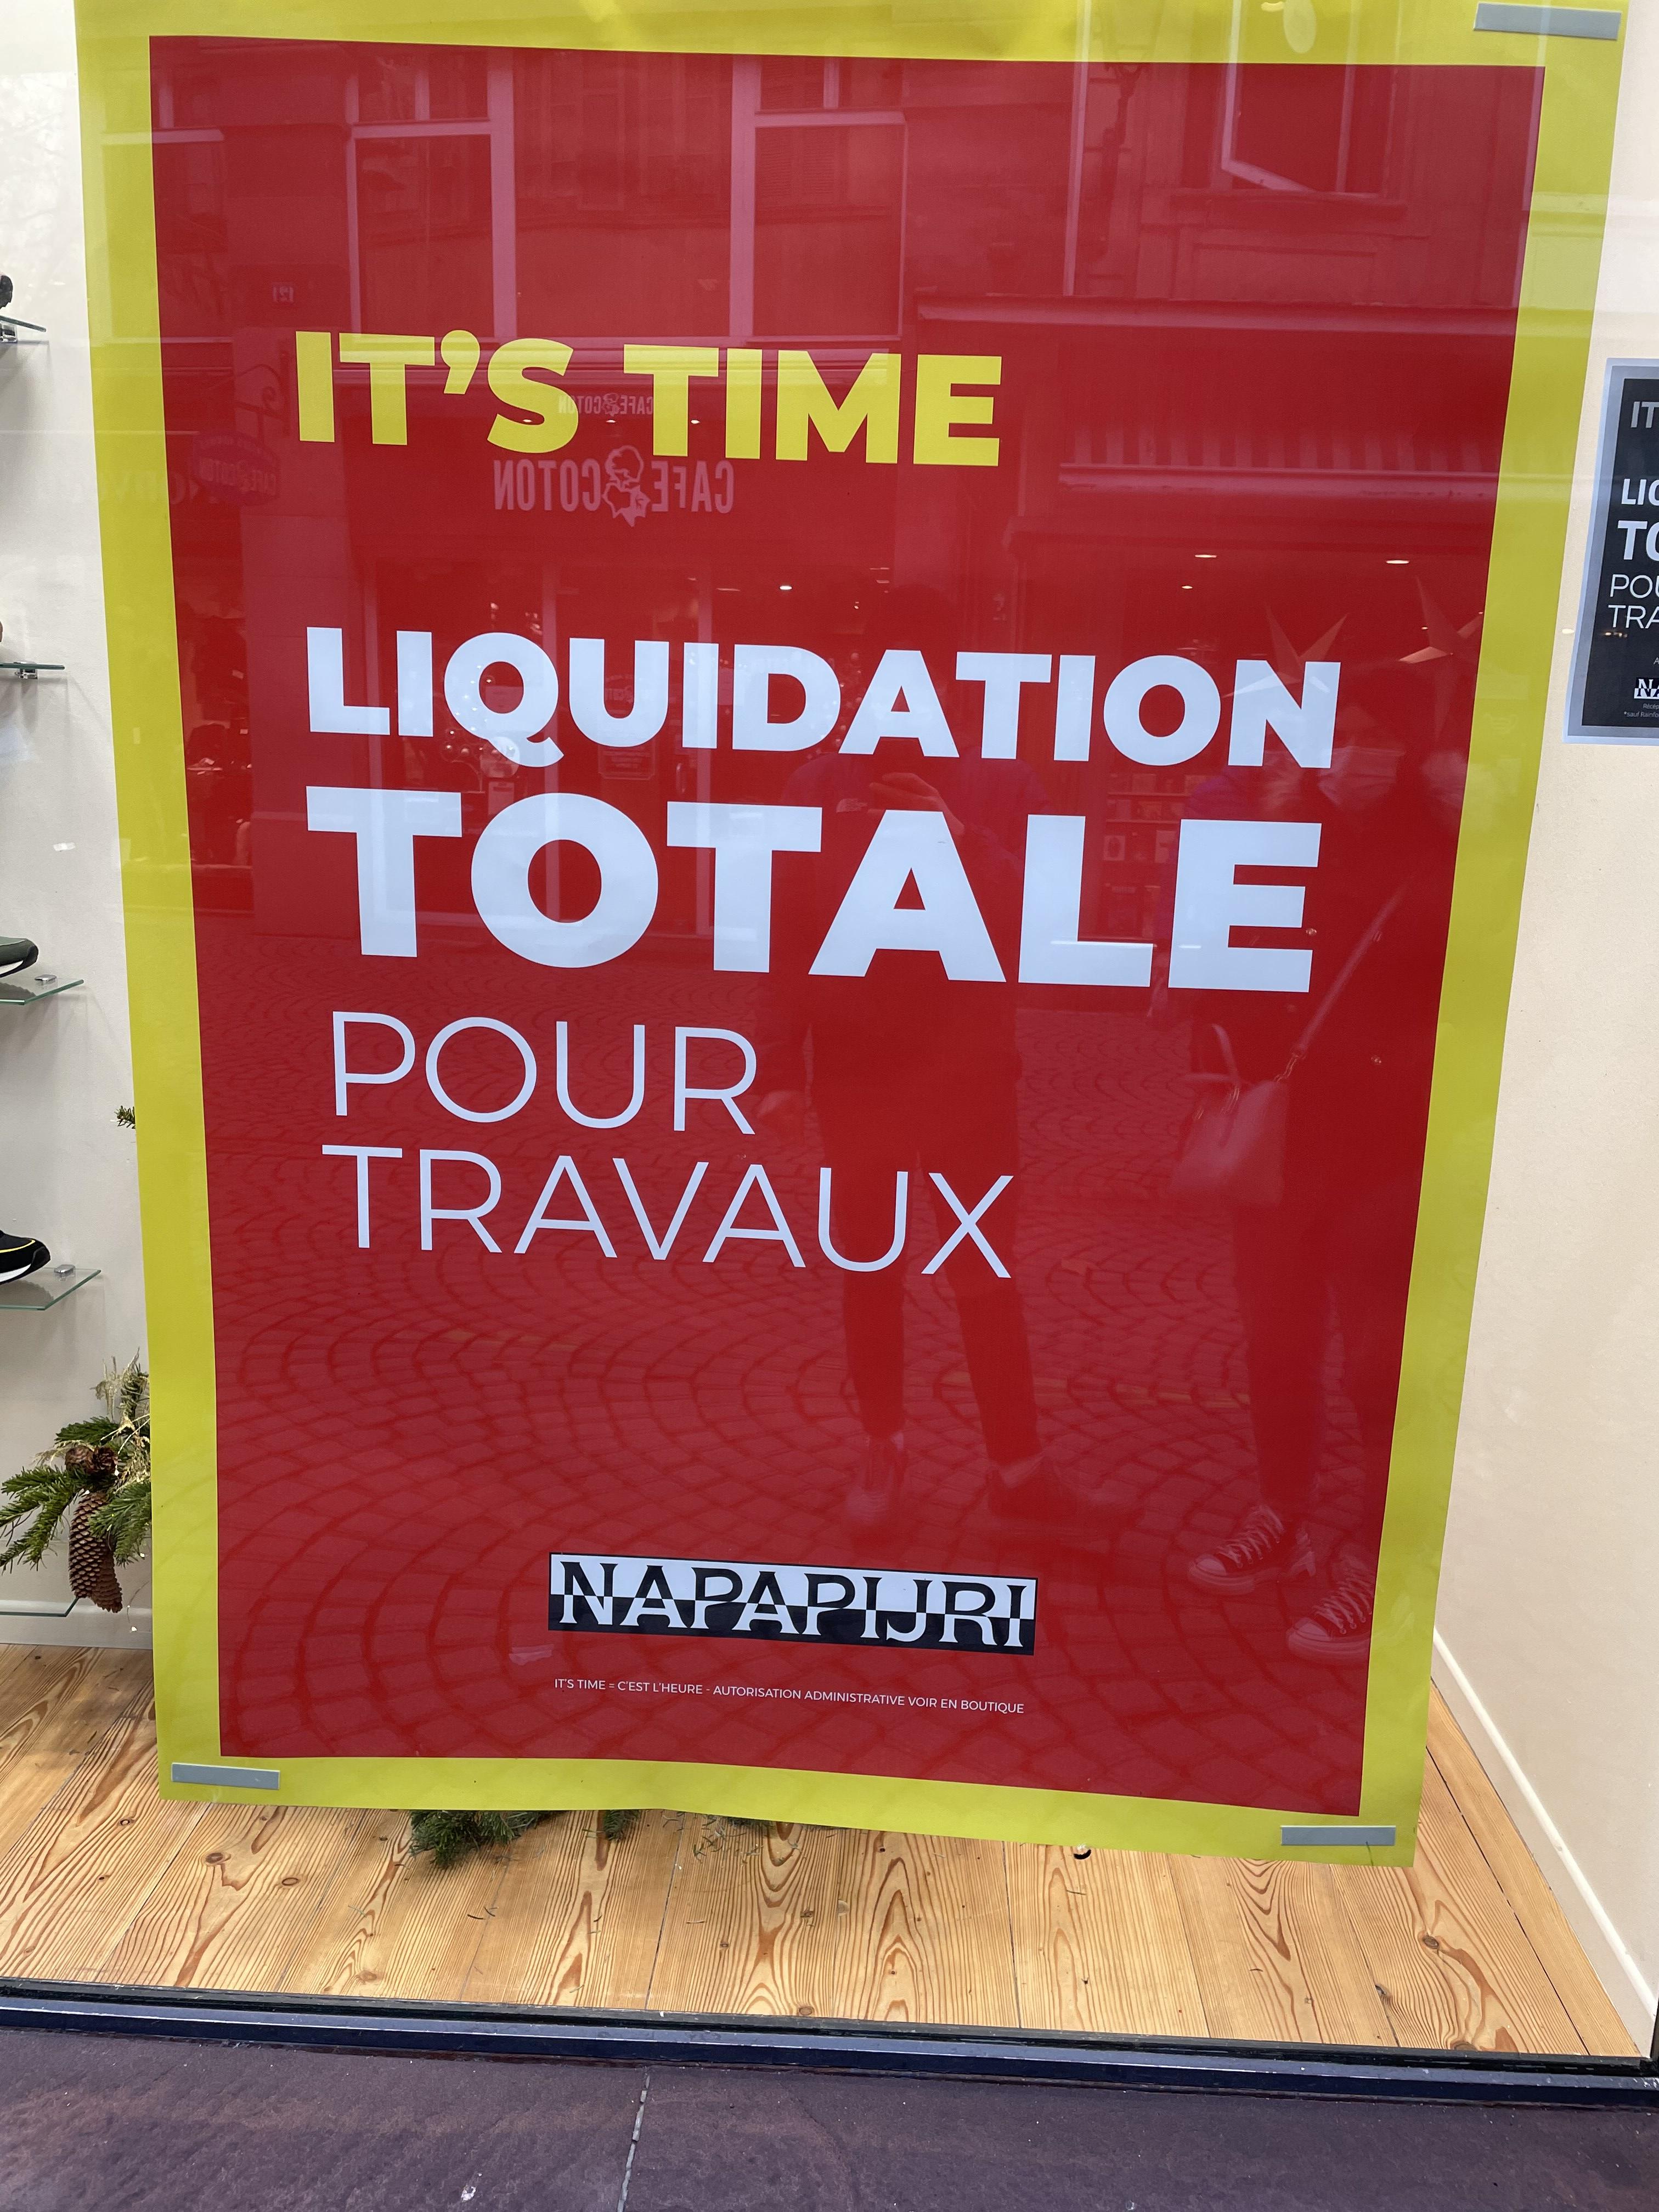 Sélection d'articles en promotion (liquidation totale) - Napapijri Strasbourg (67)